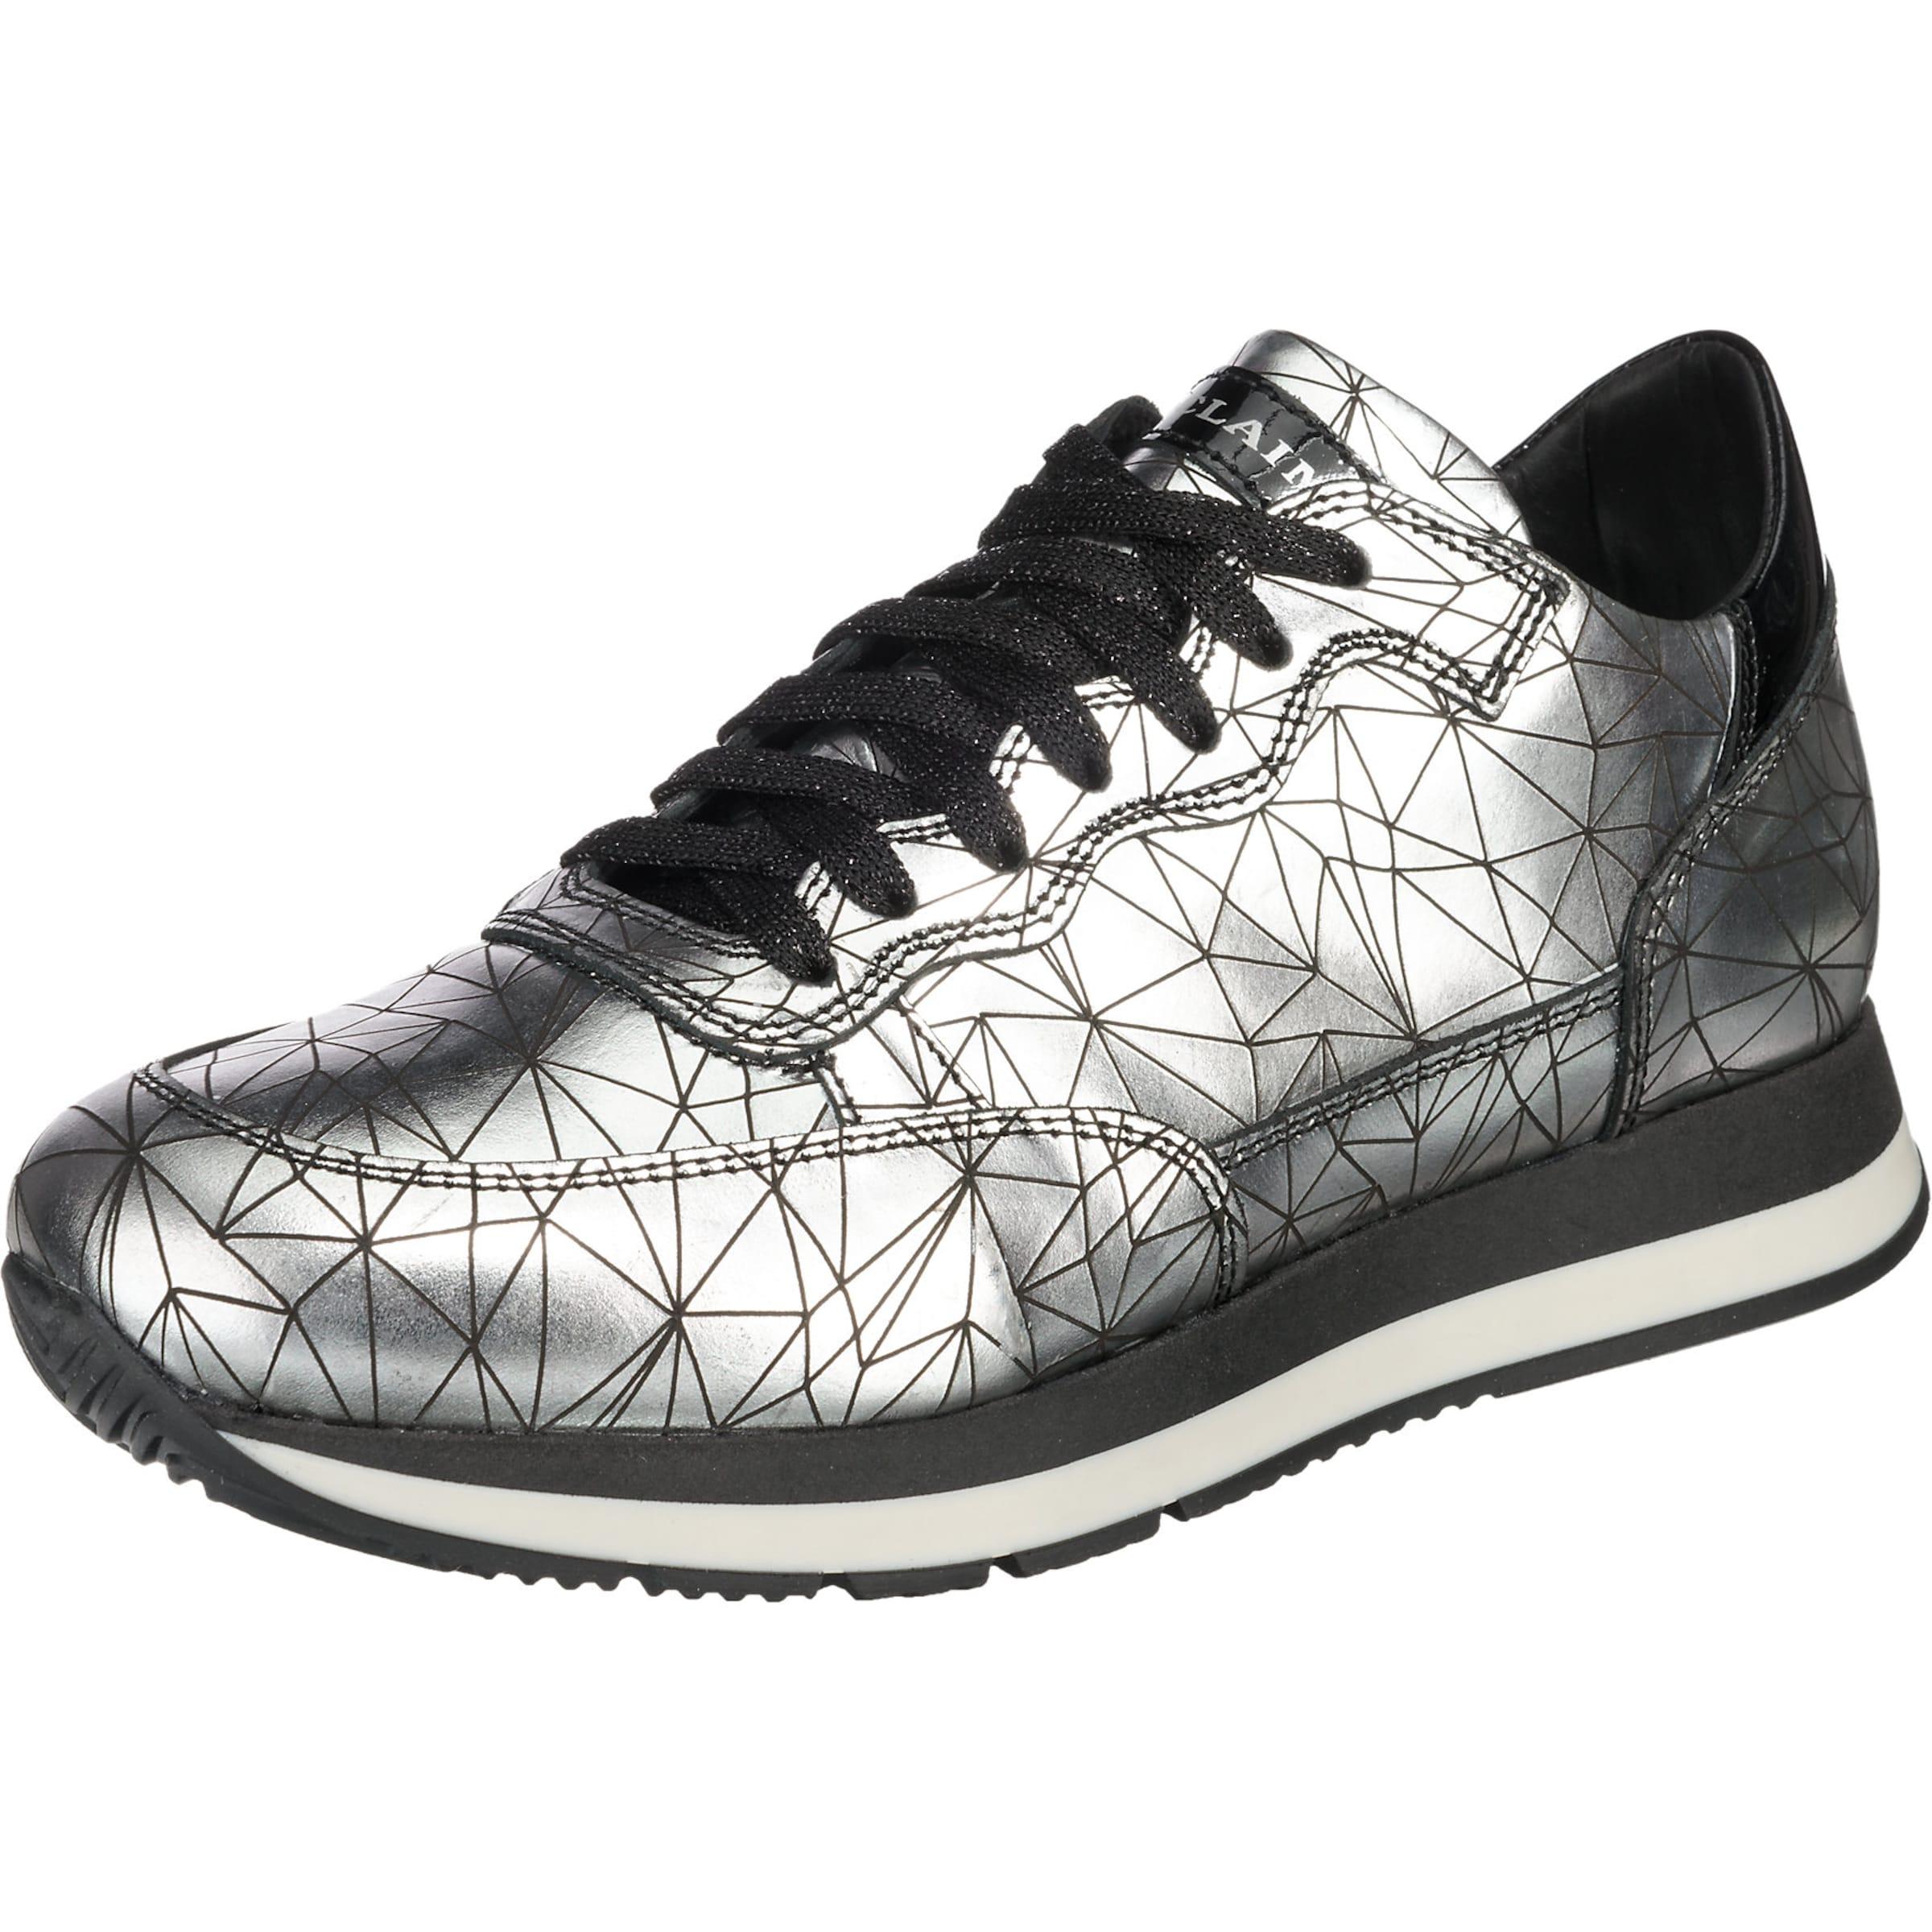 NOCLAIM Vera Sneakers Verschleißfeste billige Schuhe